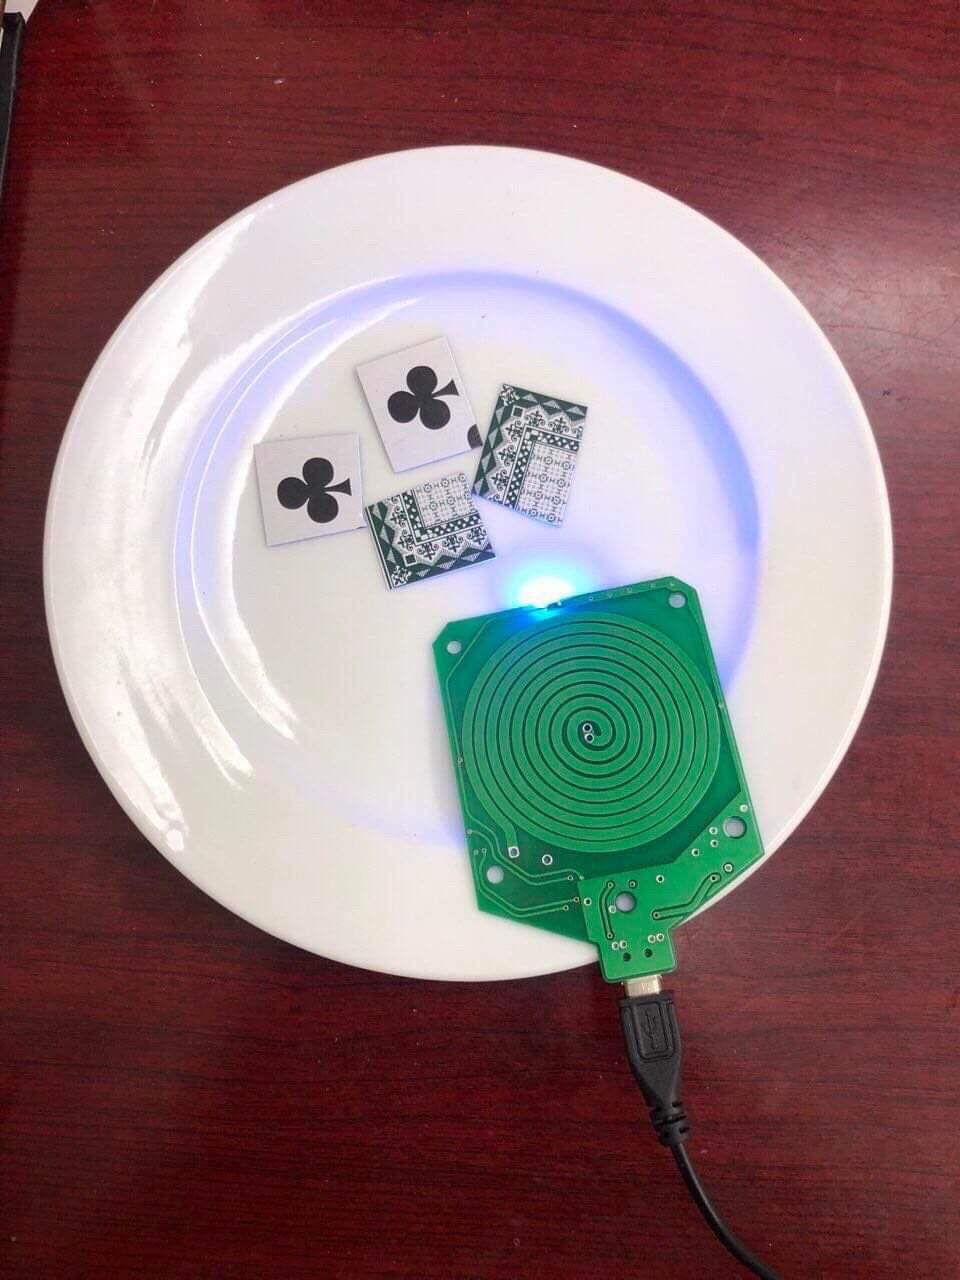 Xóc đĩa thời công nghệ cao sử dụng rất nhiều mánh khóe gian lận tinh vi